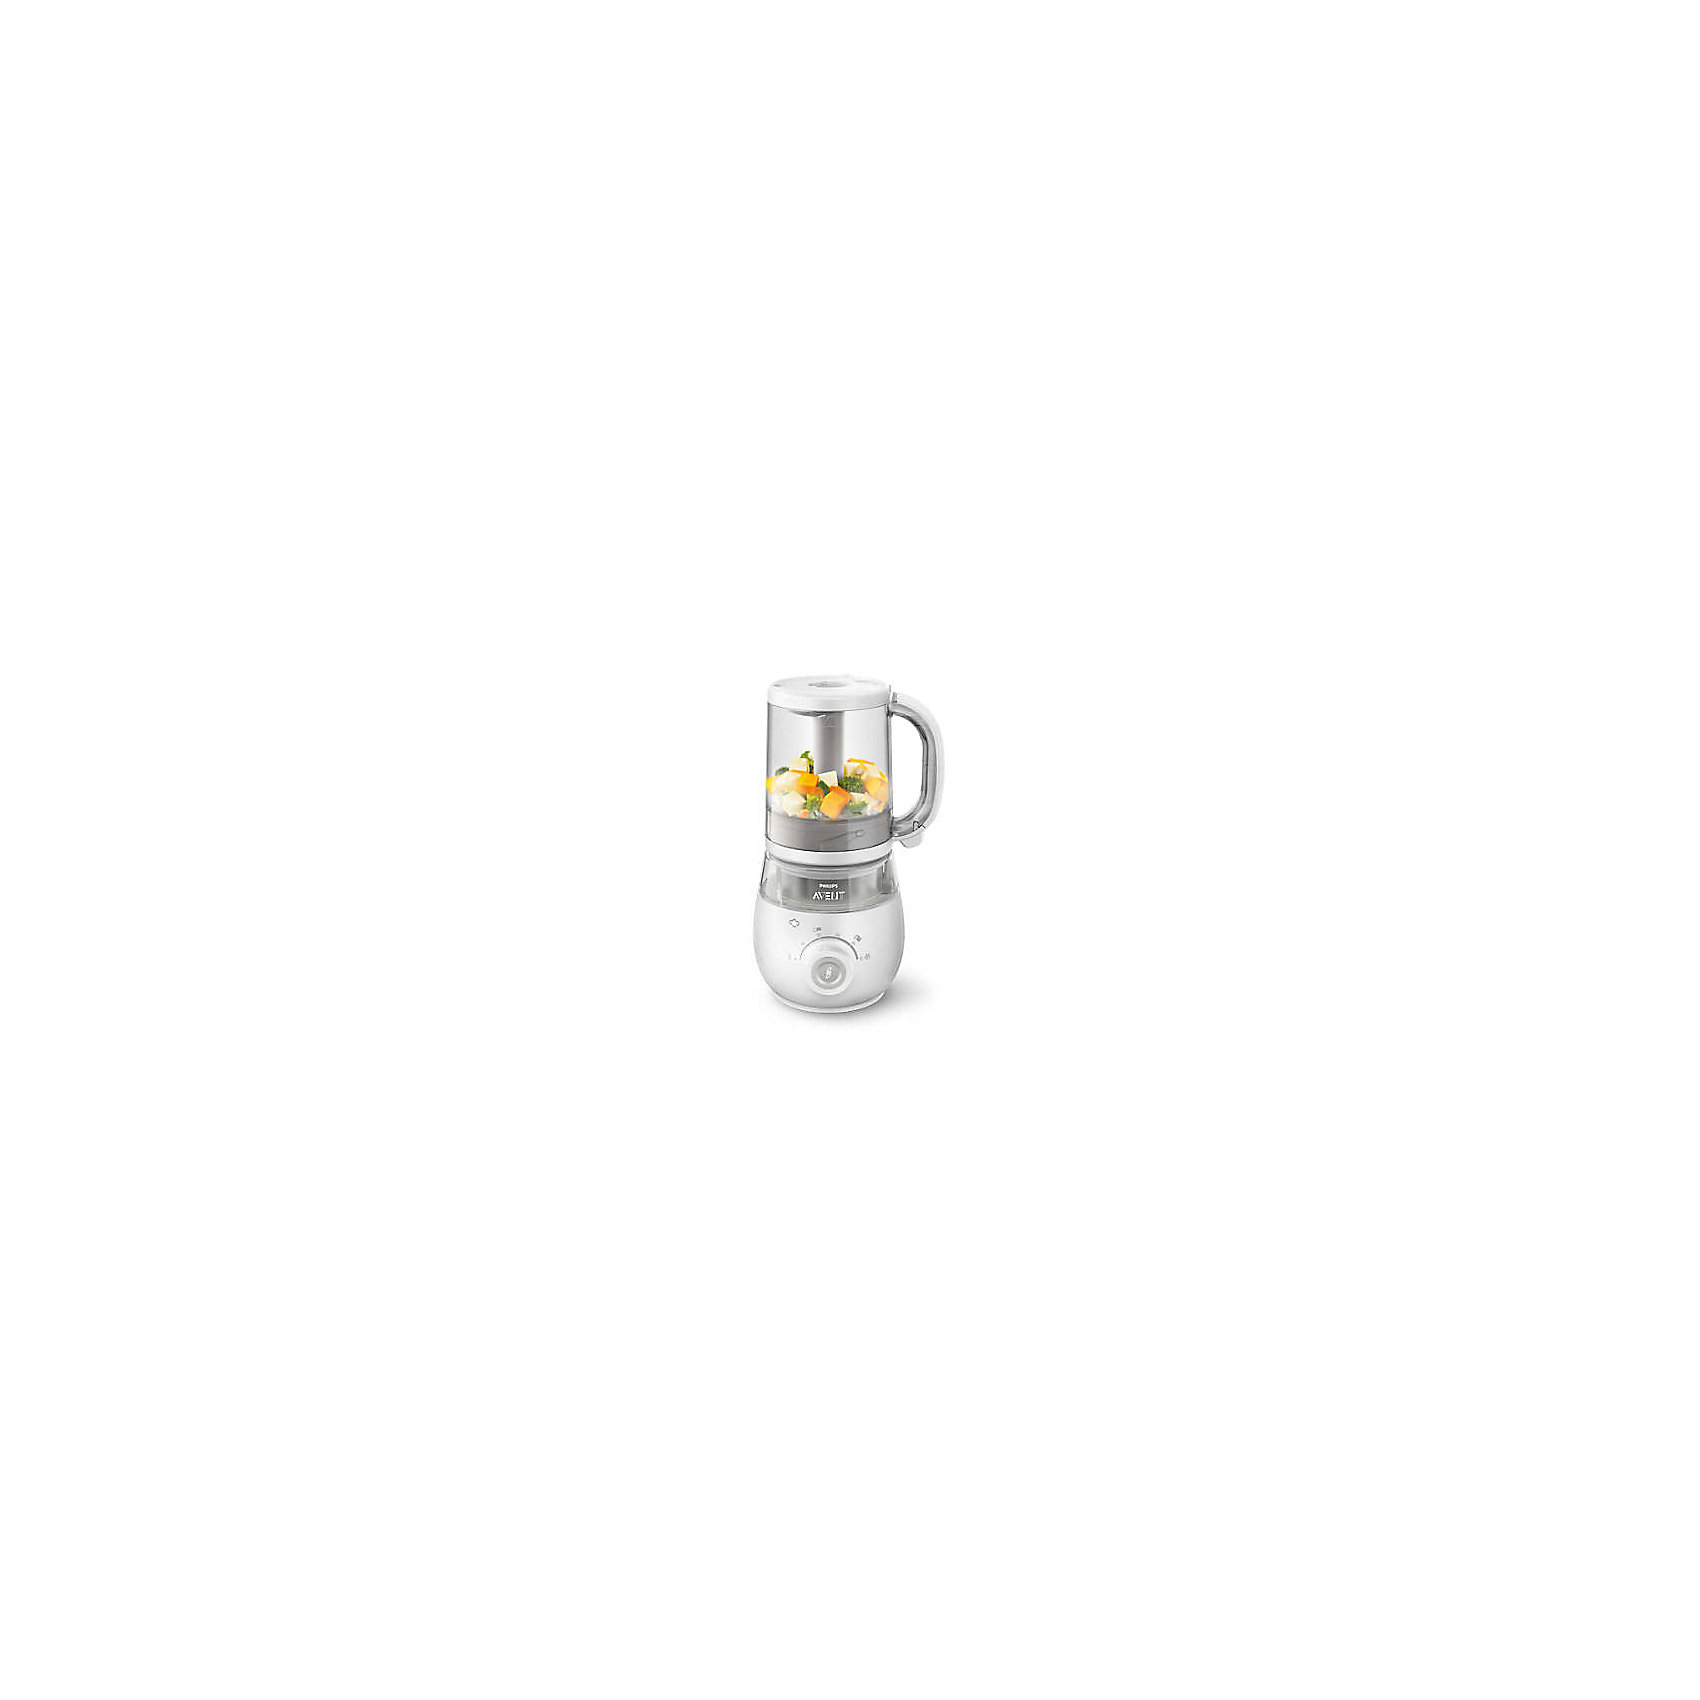 Пароварка-блендер 4-в-1, Philips Avent (SCF875/02)Пароварка-блендер 4-в-1, Philips Avent (SCF875/02).<br><br>Характеристика:<br><br>• Материал: металл, пластик.  <br>• Размер: 16x33x18 см<br>• Размер упаковки: 35x23x18 см<br>• 4 функции: приготовление на пару, измельчение, подогрев и разморозка.<br>• Объем кувшина: 1000 мл. <br>• Можно приготовить 4 порции за один раз. <br>• Легкая очистка.<br>• Кувшин, контейнер, лопатку и нож можно мыть в посудомоечной машине. <br>• Звуковой сигнал сообщает об окончании работы пароварки. <br>• Контейнер 120 мл и лопатка в комплекте.<br>• Работает от сети (длина шнура 0,7 м).<br><br>Пароварка - блендер от Philips Avent (Филипс Авент) станет незаменимым помощником для любой мамы. Модель 4-в-1 совмещает в себе пароварку, измельчитель, устройство для подогрева и разморозки. Готовьте полезную и вкусную еду на пару, а потом просто переверните емкость, чтобы измельчить содержимое, не перекладывая его. Оставшуюся пищу можно переложить в контейнер и потом быстро подогреть или разморозить.<br>Пароварка-блендер выполнена из высококачественных прочных нетоксичных материалов. Модель проста и удобна в использовании, легко разбирается и собирается, ее удобно мыть и хранить.<br><br>Пароварку-блендер 4-в-1, Philips Avent (SCF875/02), можно купить в нашем интернет-магазине.<br><br>Ширина мм: 245<br>Глубина мм: 194<br>Высота мм: 368<br>Вес г: 2995<br>Возраст от месяцев: 0<br>Возраст до месяцев: 36<br>Пол: Унисекс<br>Возраст: Детский<br>SKU: 5253037